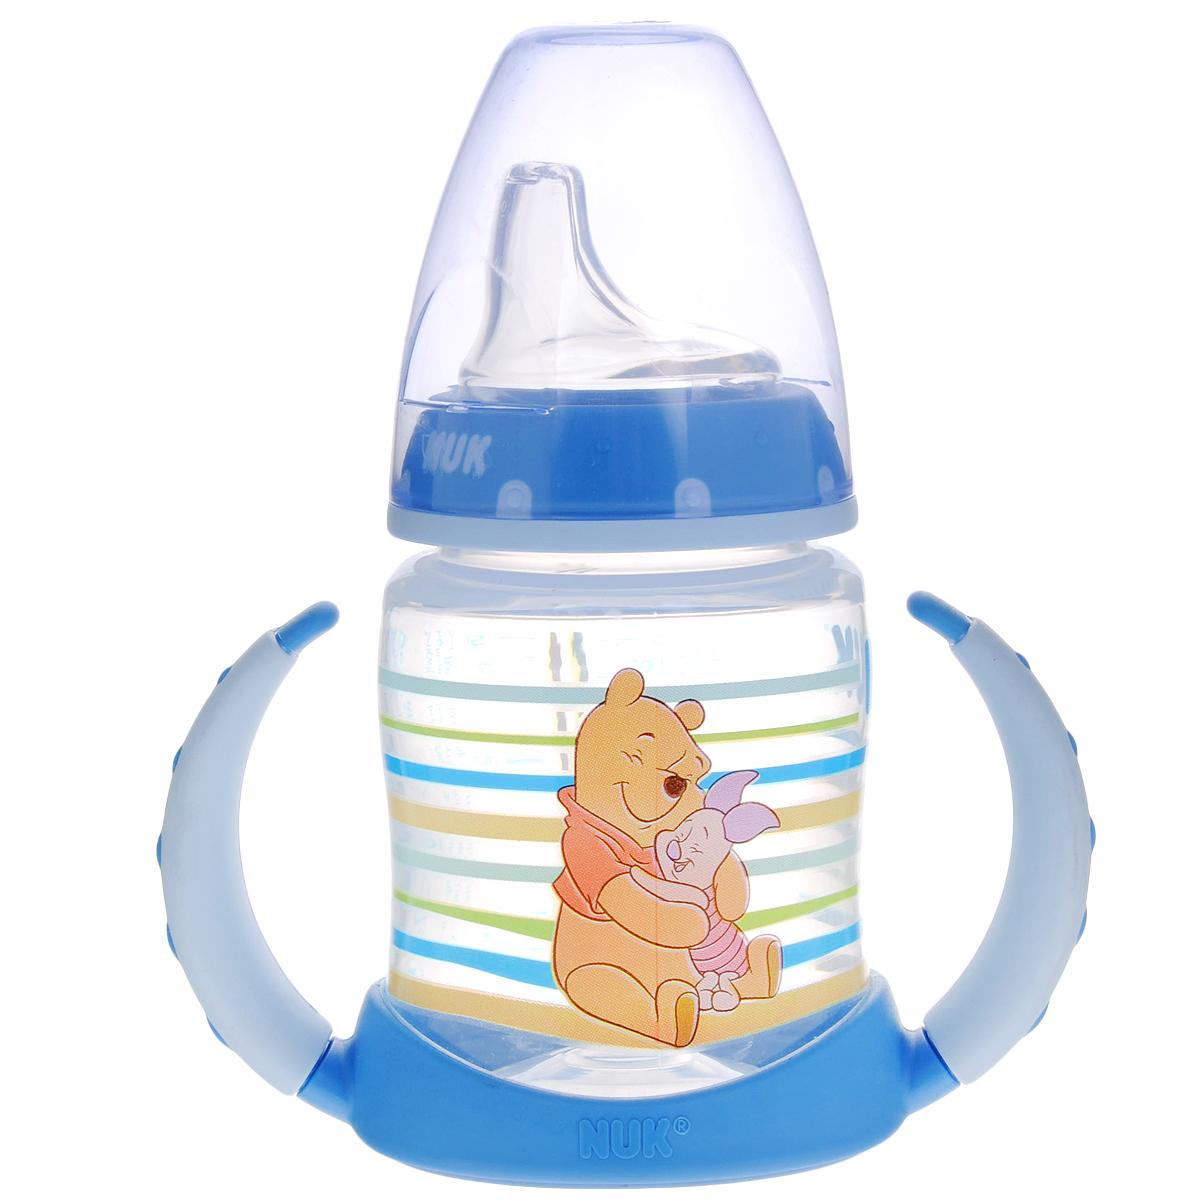 Бутылочка обучающая для питья NUK Дисней. First Choice, с силиконовой насадкой, цвет: голубой, 150 мл, от 6 до 18 месяцев